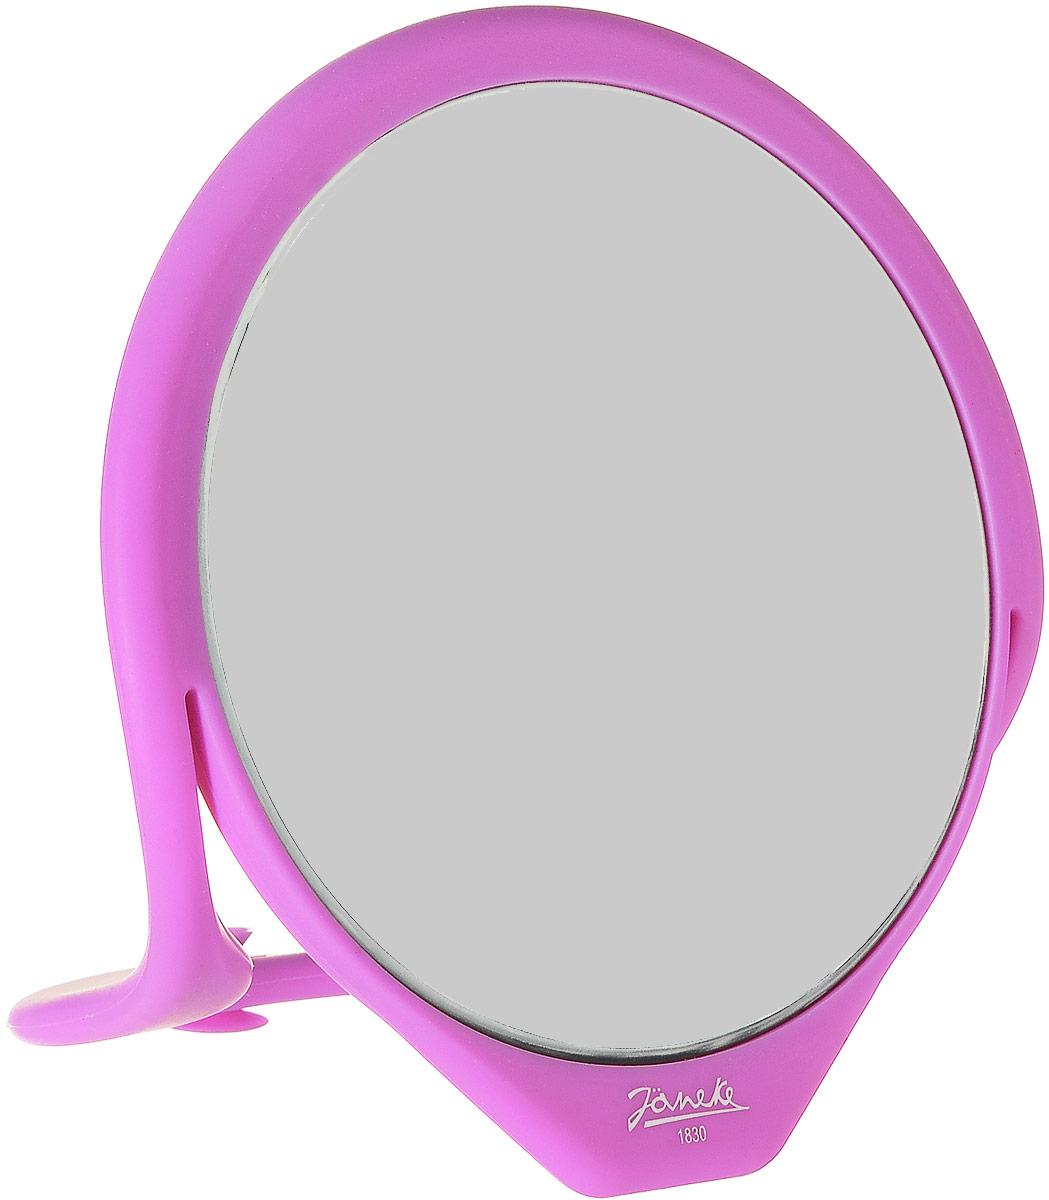 Janeke Зеркало настольное, 10445 RSA1301210Марка Janeke – мировой лидер по производству расчесок, щеток, маникюрных принадлежностей, зеркал и косметичек. Марка Janeke, основанная в 1830 году, вот уже почти 180 лет поддерживает непревзойденное качество своей продукции, сочетая новейшие технологии с традициями ста- рых миланских мастеров. Все изделия на 80% производятся вручную, а инновационные технологии и современные материалы делают продукцию марки поистине уникальной. Стильный и эргономичный дизайн, яркие цветовые решения – все это приносит истин- ное удовольствие от использования аксессуаров Janeke. Зеркала для дома итальянской марки Janeke, изготовленные из высококачественных материалов и выполненные в оригинальном стильном дизайне, дополнят любой интерьер. Односторонние или двусторонние, с увеличением и без, на красивых и удобных подс- тавках – зеркала Janeke прослужат долго и доставят истинное удо- вольствие от использования